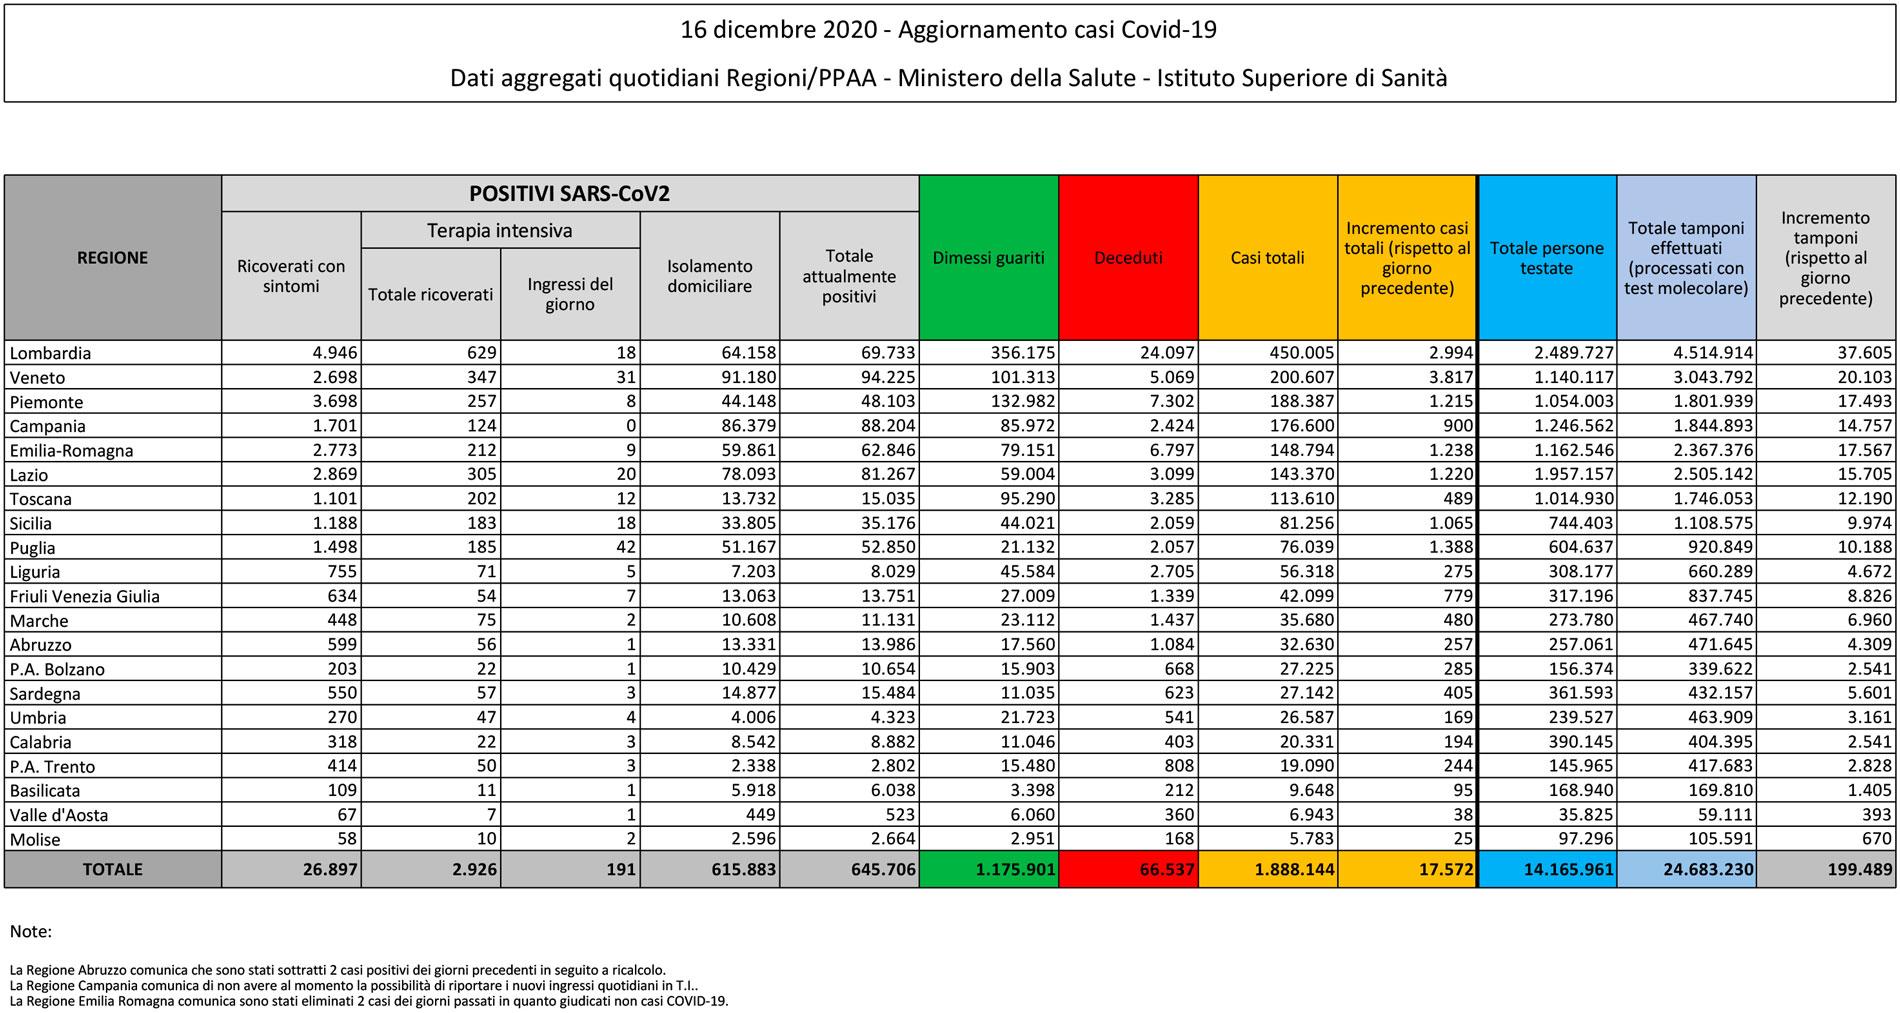 tabella del bollettino del 16 dicembre 2020 contenente i dati sul coronavirus (o covid) in italia